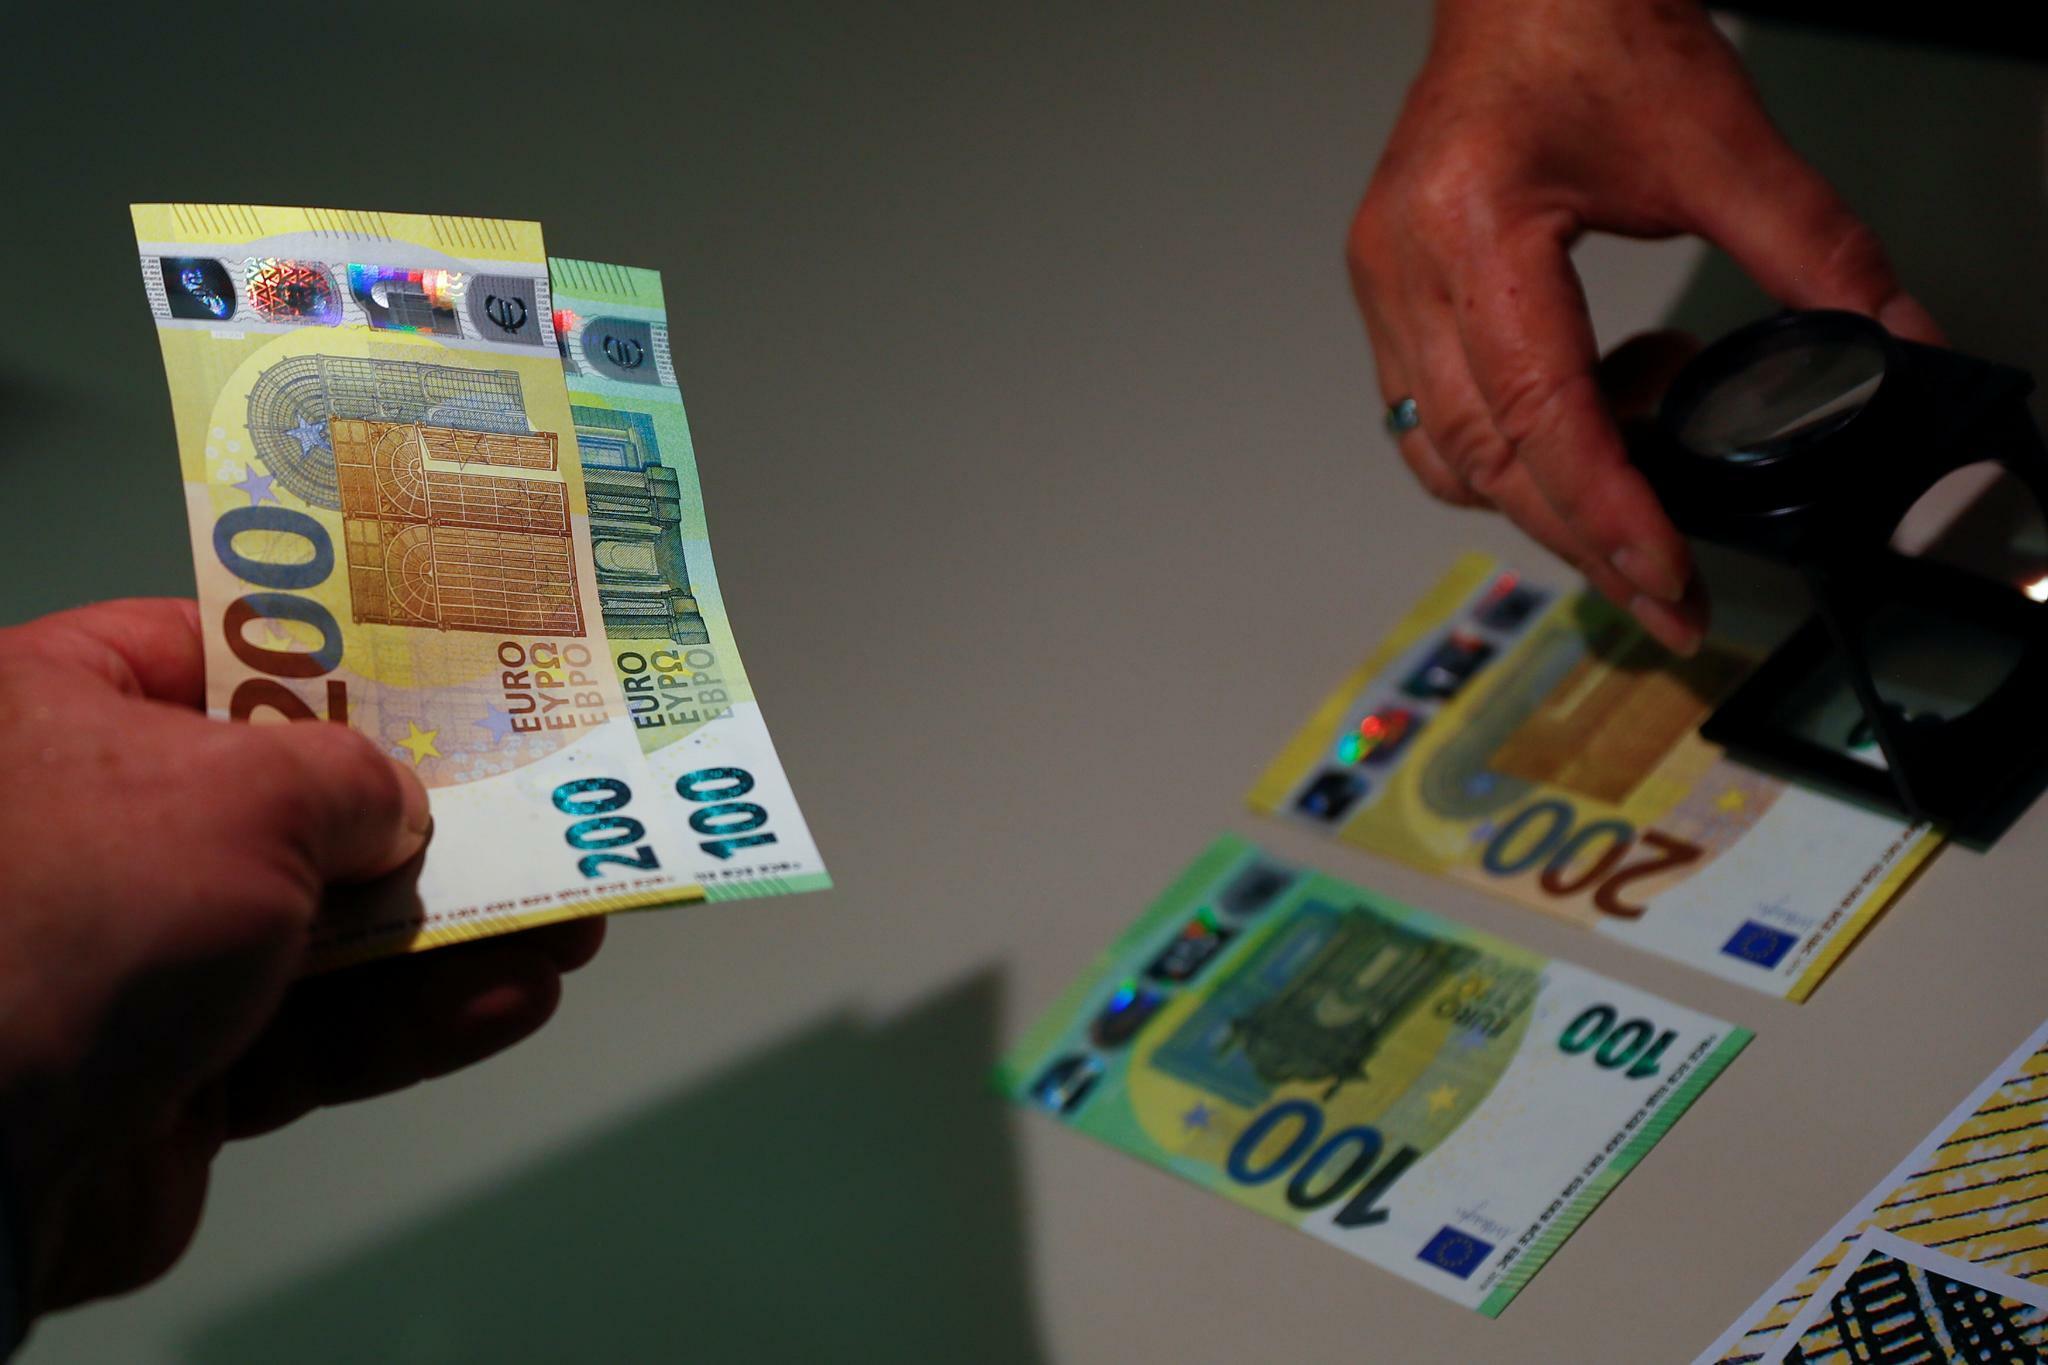 Ezb Neue 100 Und 200 Euro Scheine Ab Ende Mai 2019 Im Umlauf